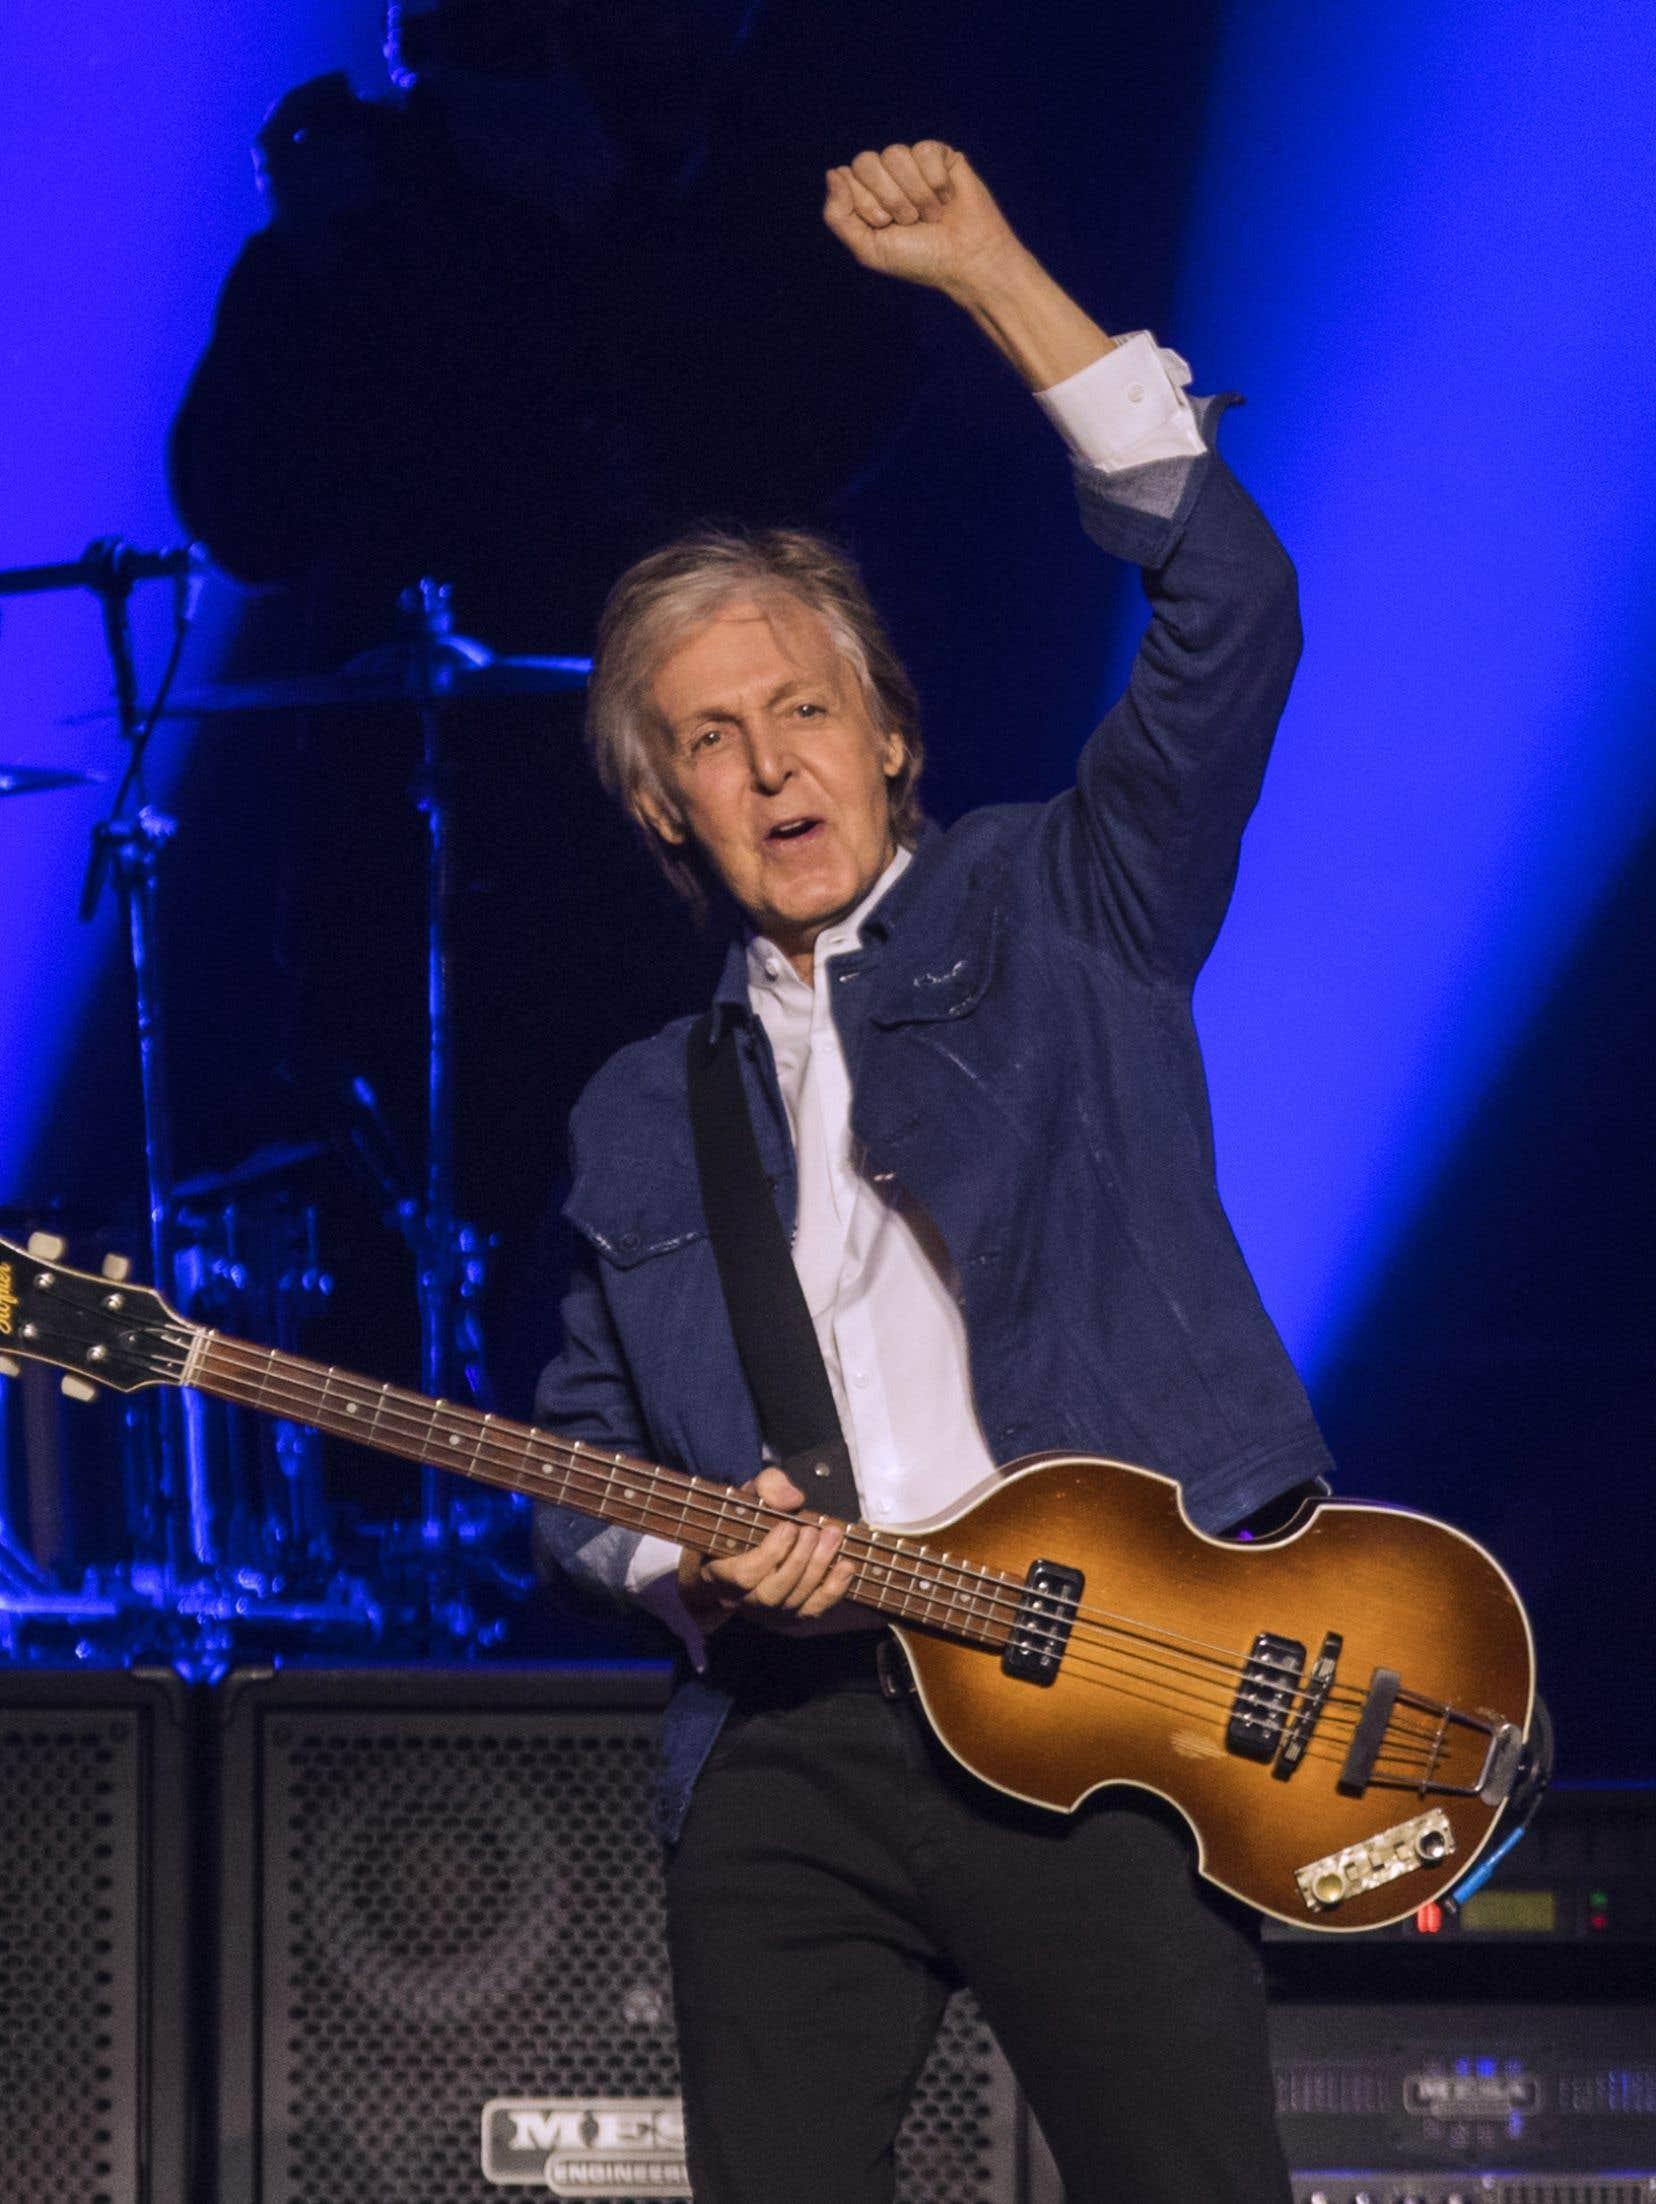 Paul McCartney a offert un marathon de chansons sans discontinuer pour le plus grand plaisir des milliers de spectateurs réunis au Centre Bell jeudi soir.